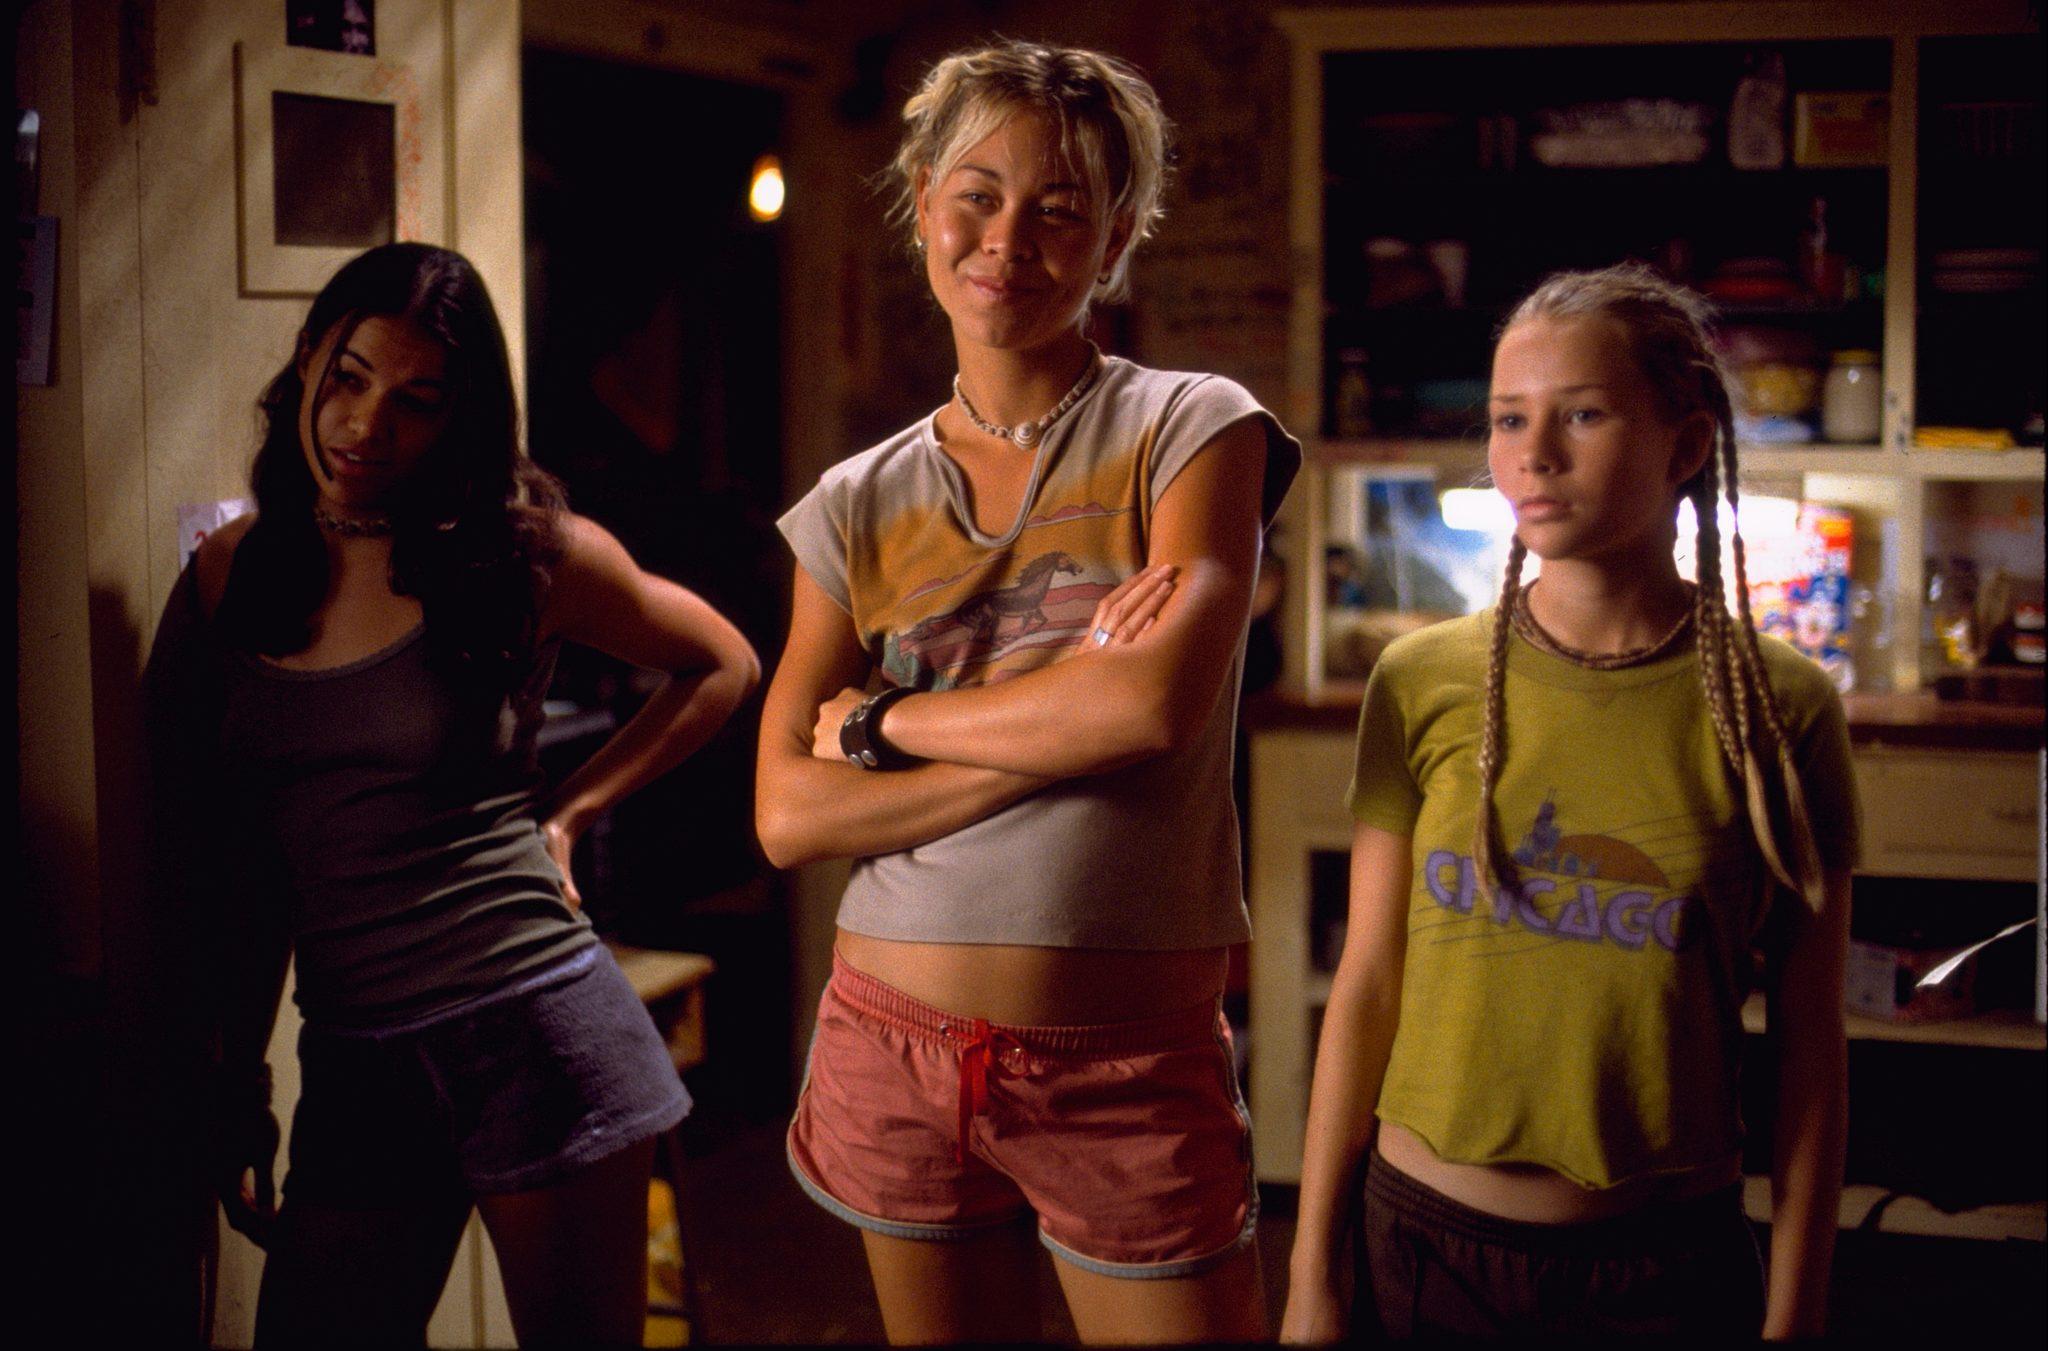 """Michelle Rodríguez als Eden, Sànoe Lake als Lena und Mika Boorem als Penny blicken amüsiert und erwartungsvoll in ihrer Hütte auf Anne Marie, die außerhalb des Bildes steht in """"Blue Crush""""."""